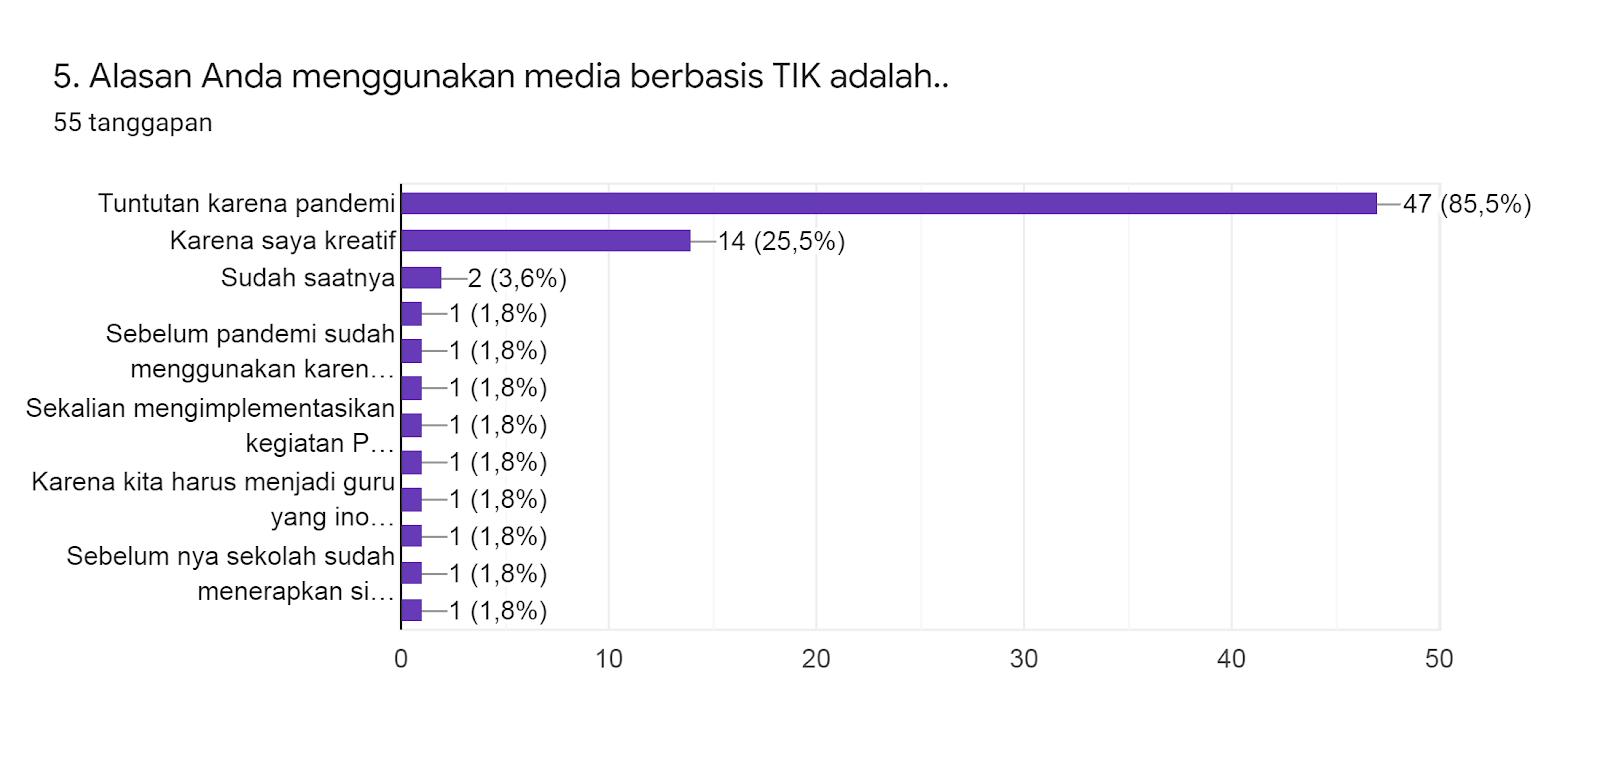 Diagram respons Formulir. Judul pertanyaan: 5. Alasan Anda menggunakan media berbasis TIK adalah... Jumlah respons: 55 tanggapan.